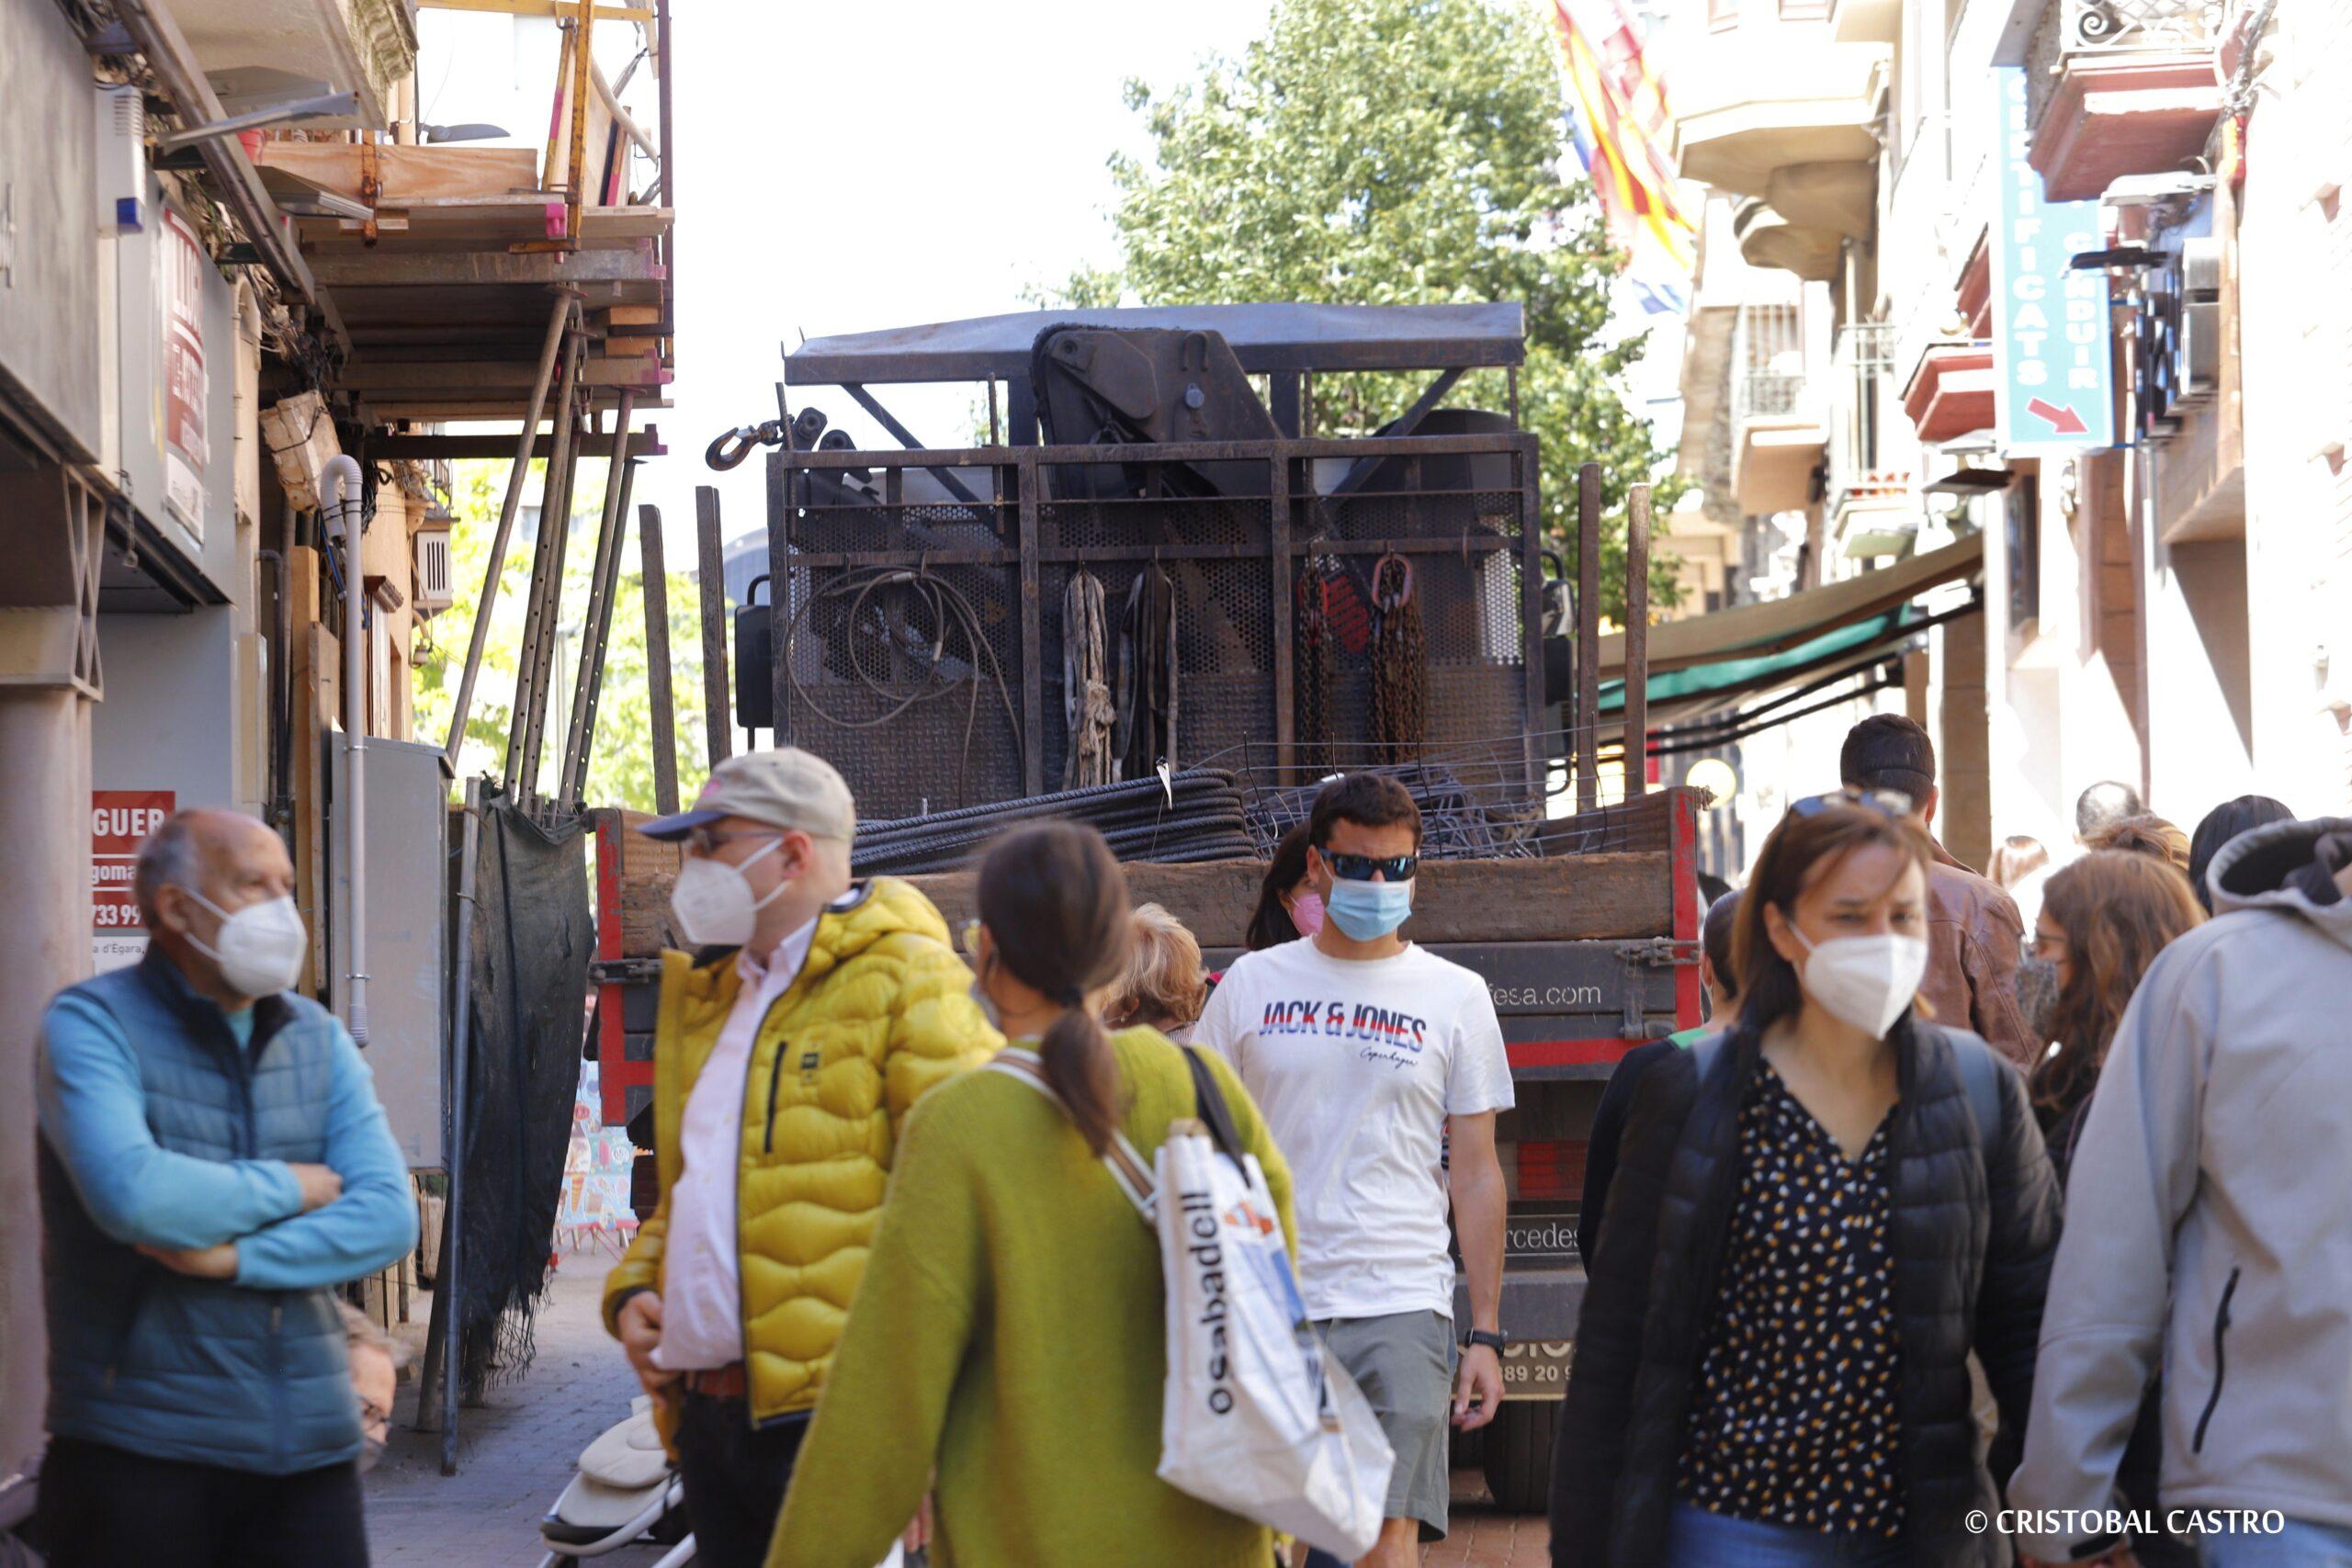 El camió circulant pel mig de la gent   Cristóbal Castro